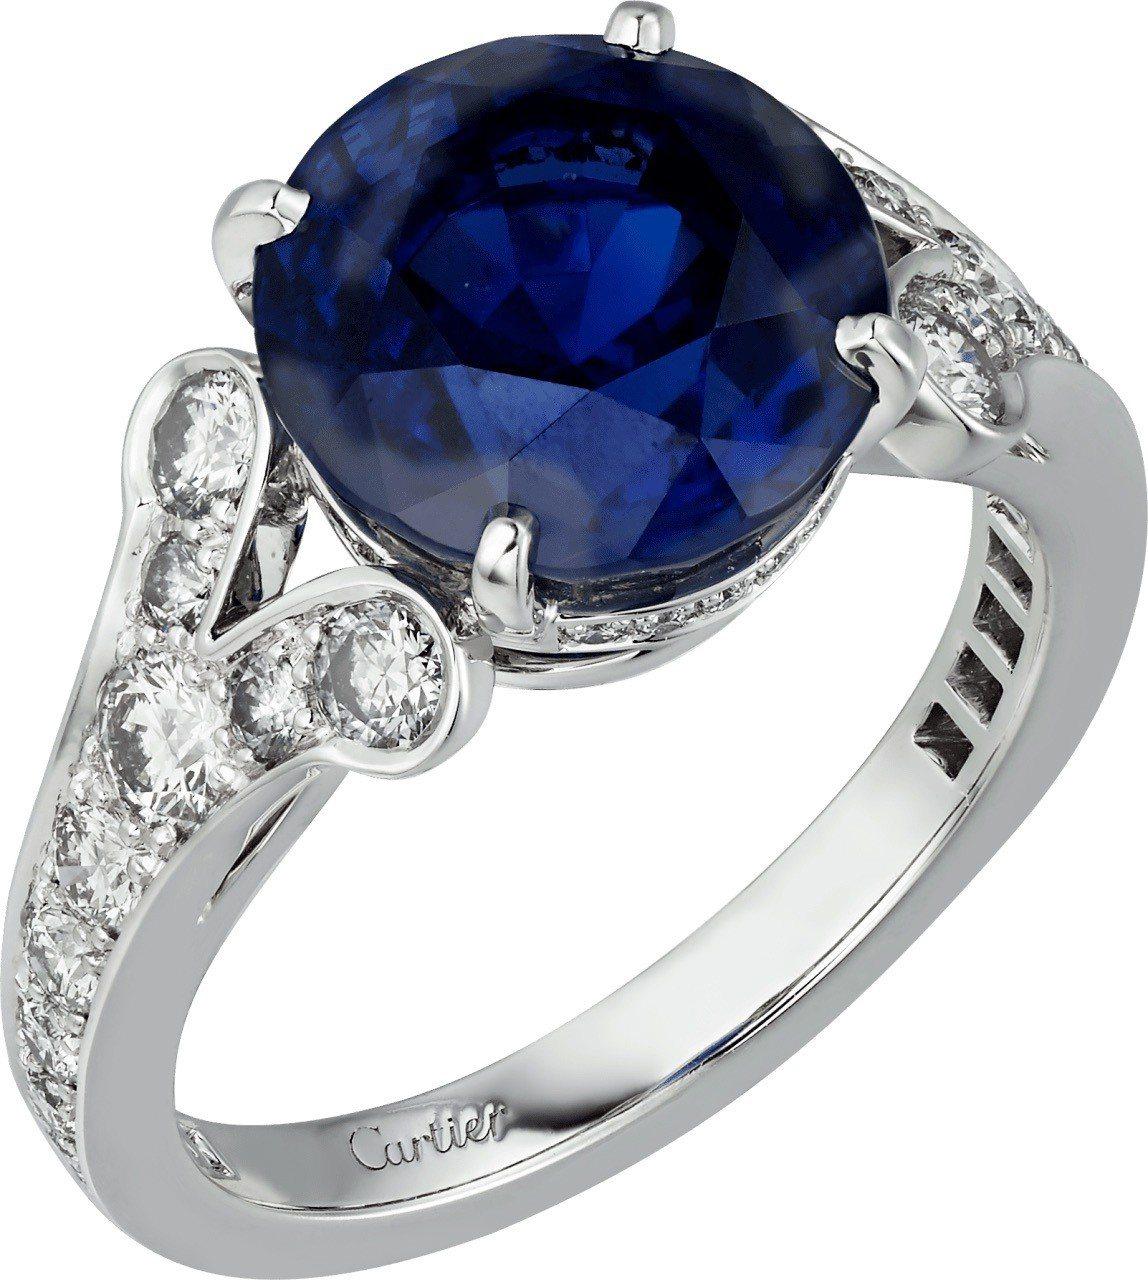 莉莉柯林斯配戴的卡地亞頂級珠寶系列戒指,鉑金鑲嵌藍寶石與鑽石,未定價。圖/卡地亞...